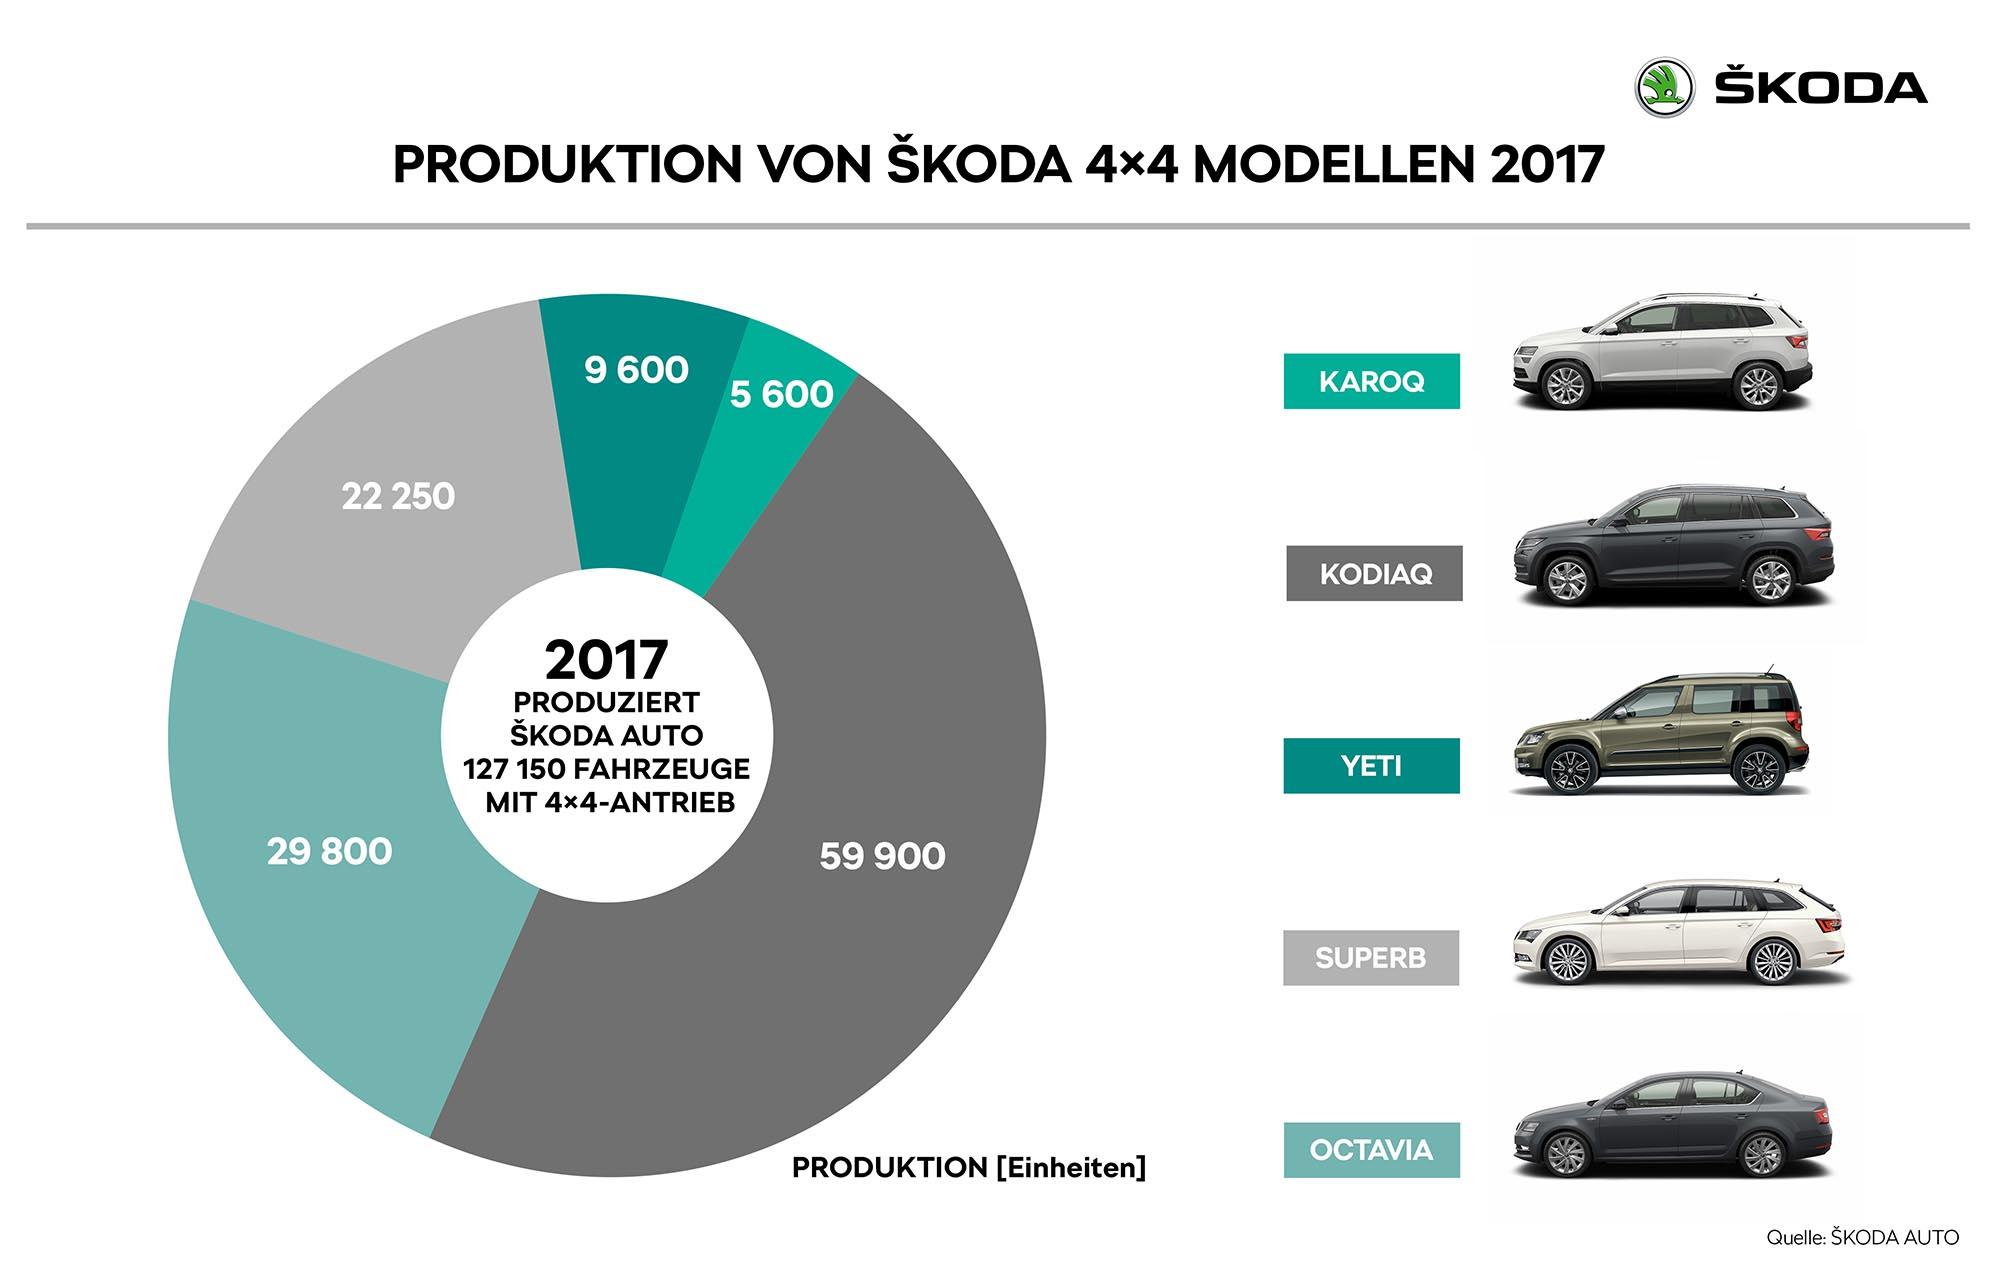 DE_05_Produktion-von_SKODA_4x4_Modellen_2017_1_RET